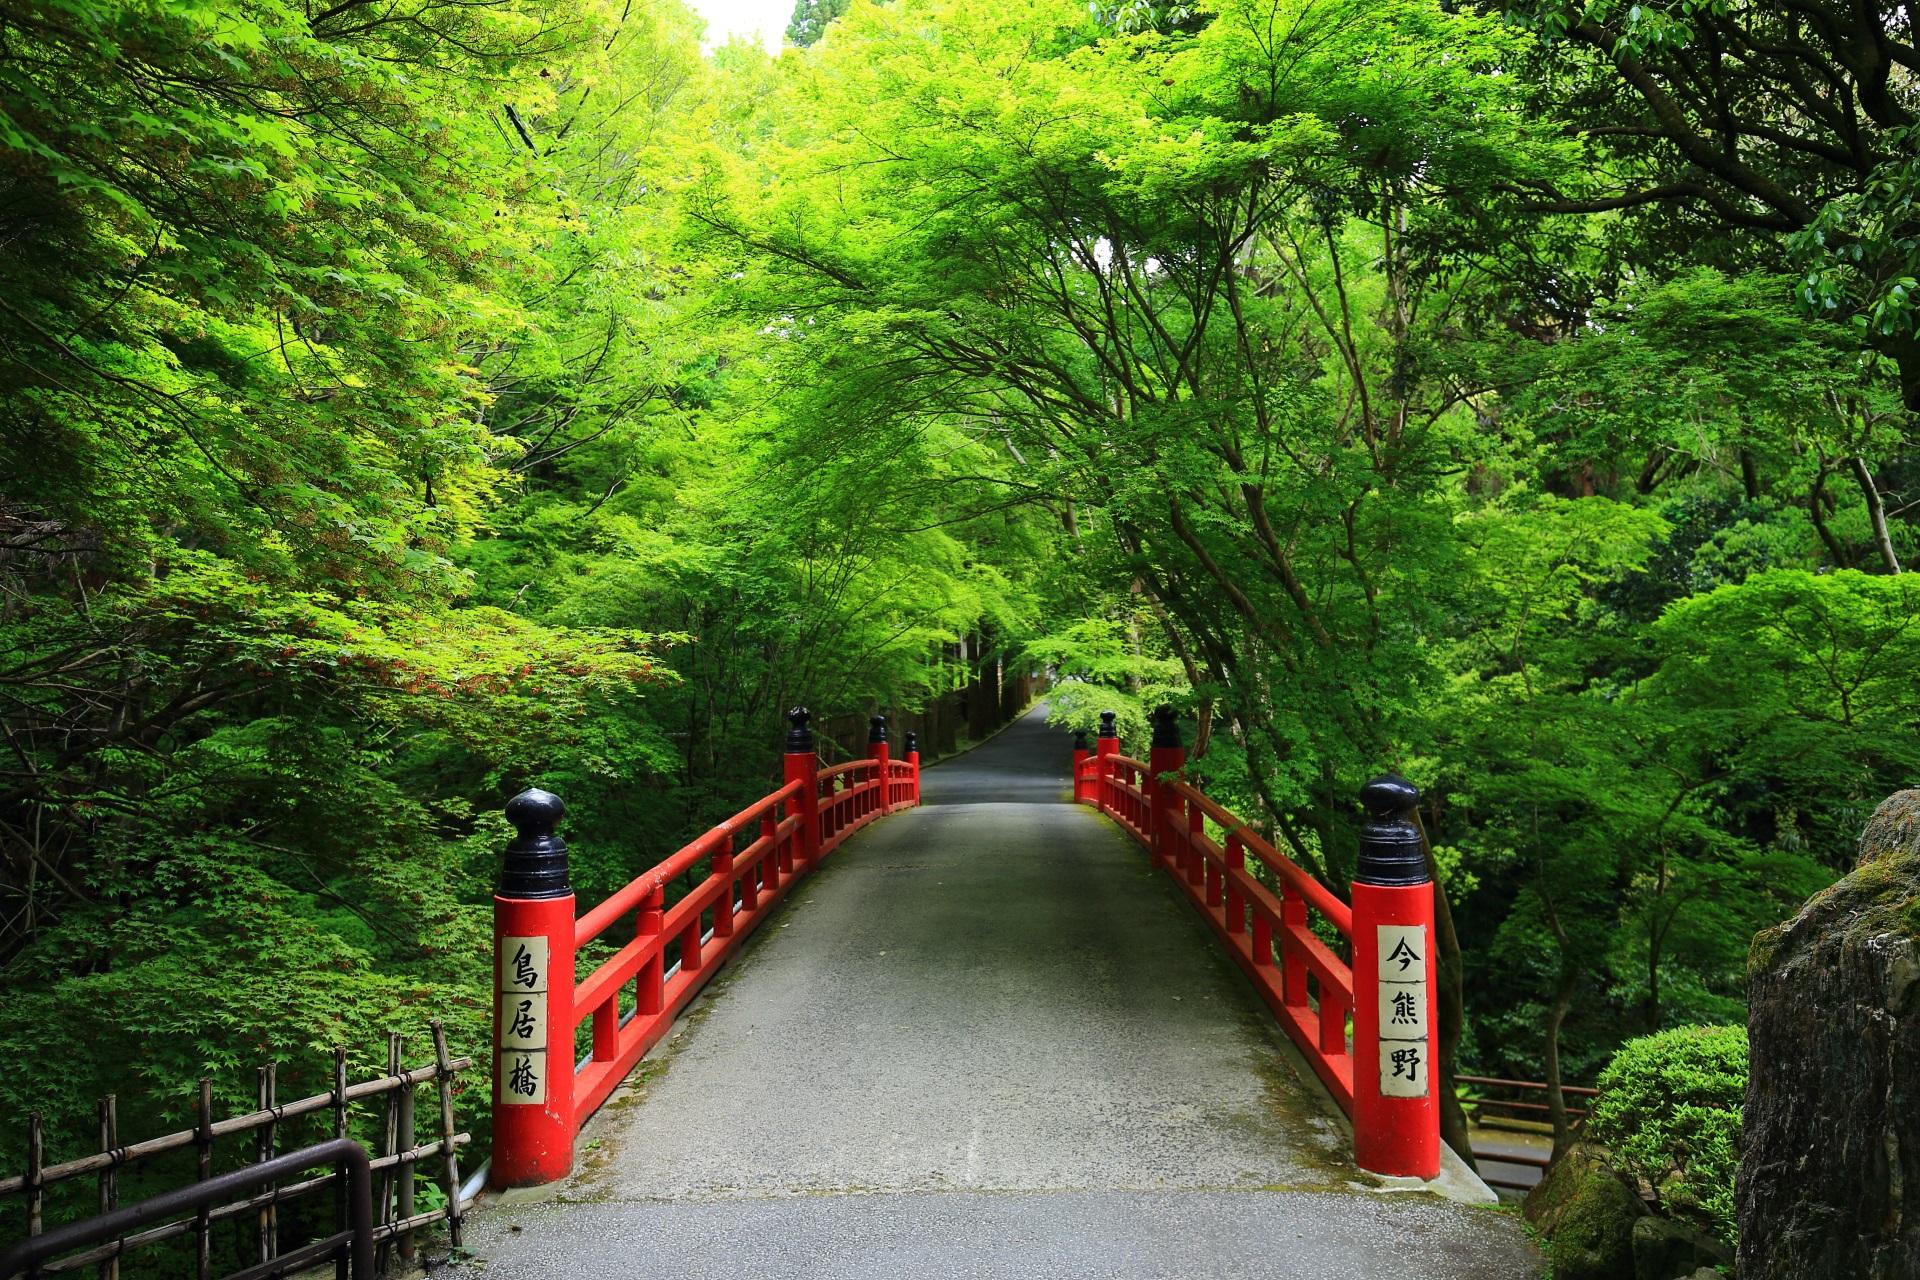 鮮やかな新緑につつまれた今熊野観音寺(いまくまのかんのんじ)